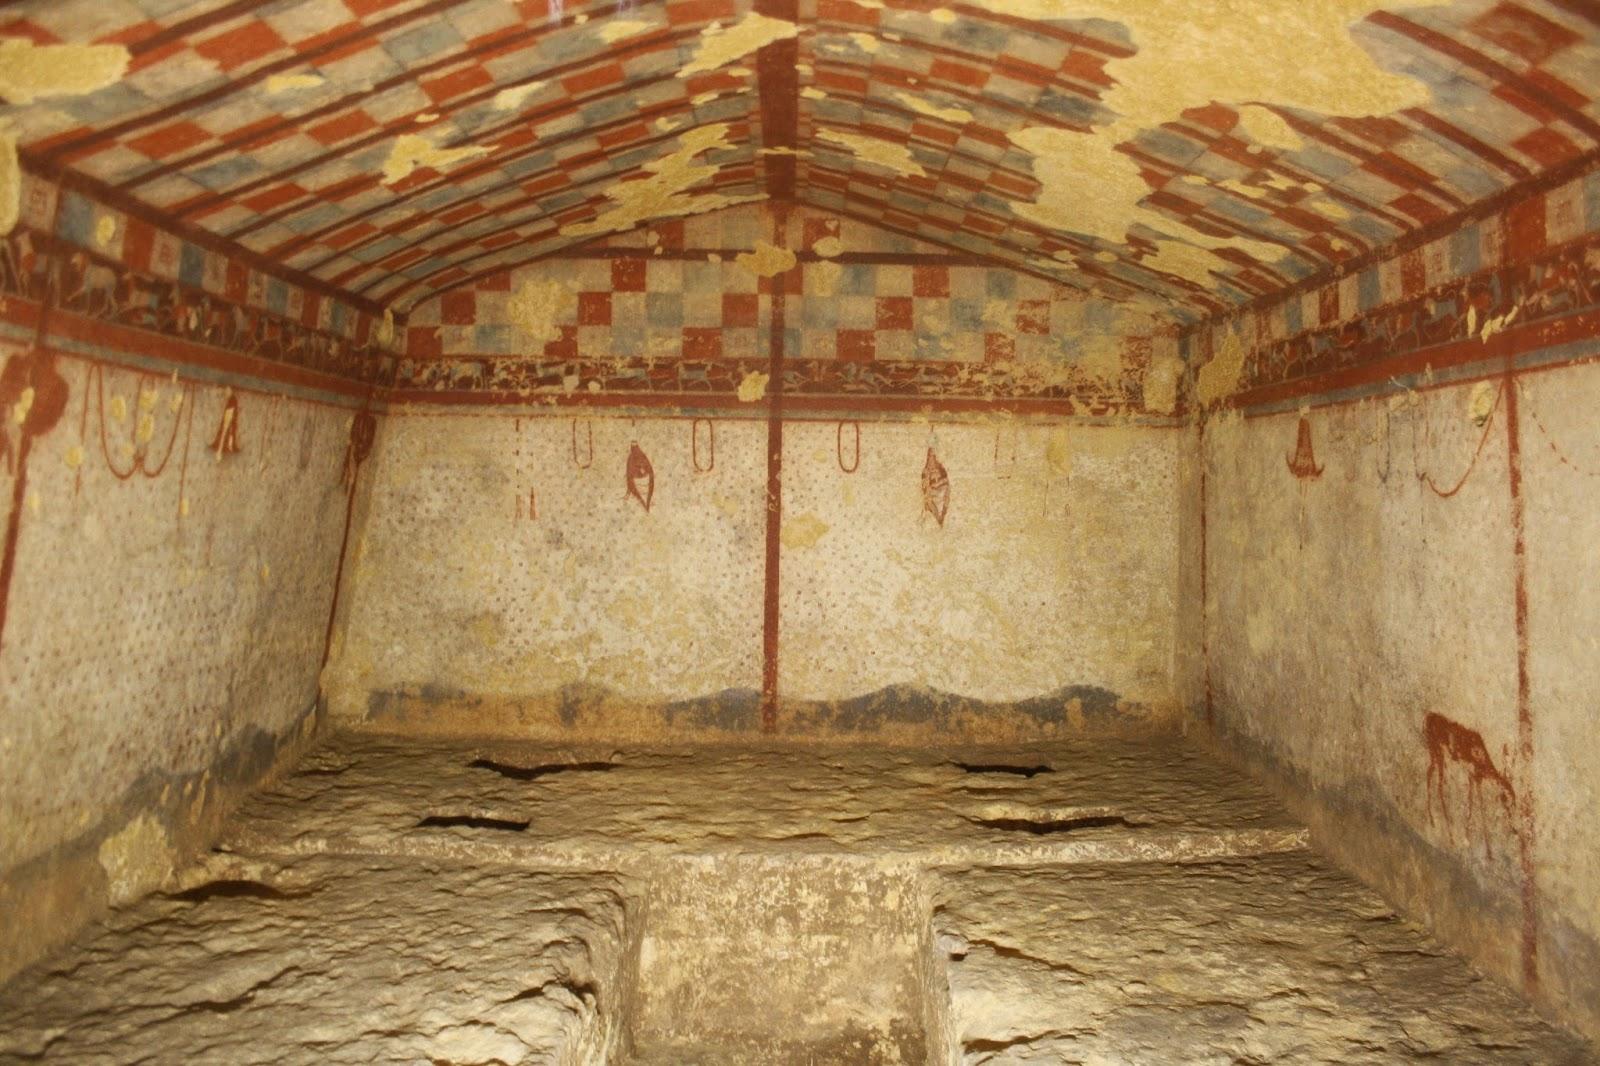 Pinturas interiores tumba de la Necrópolis etrusca de Tarquinia